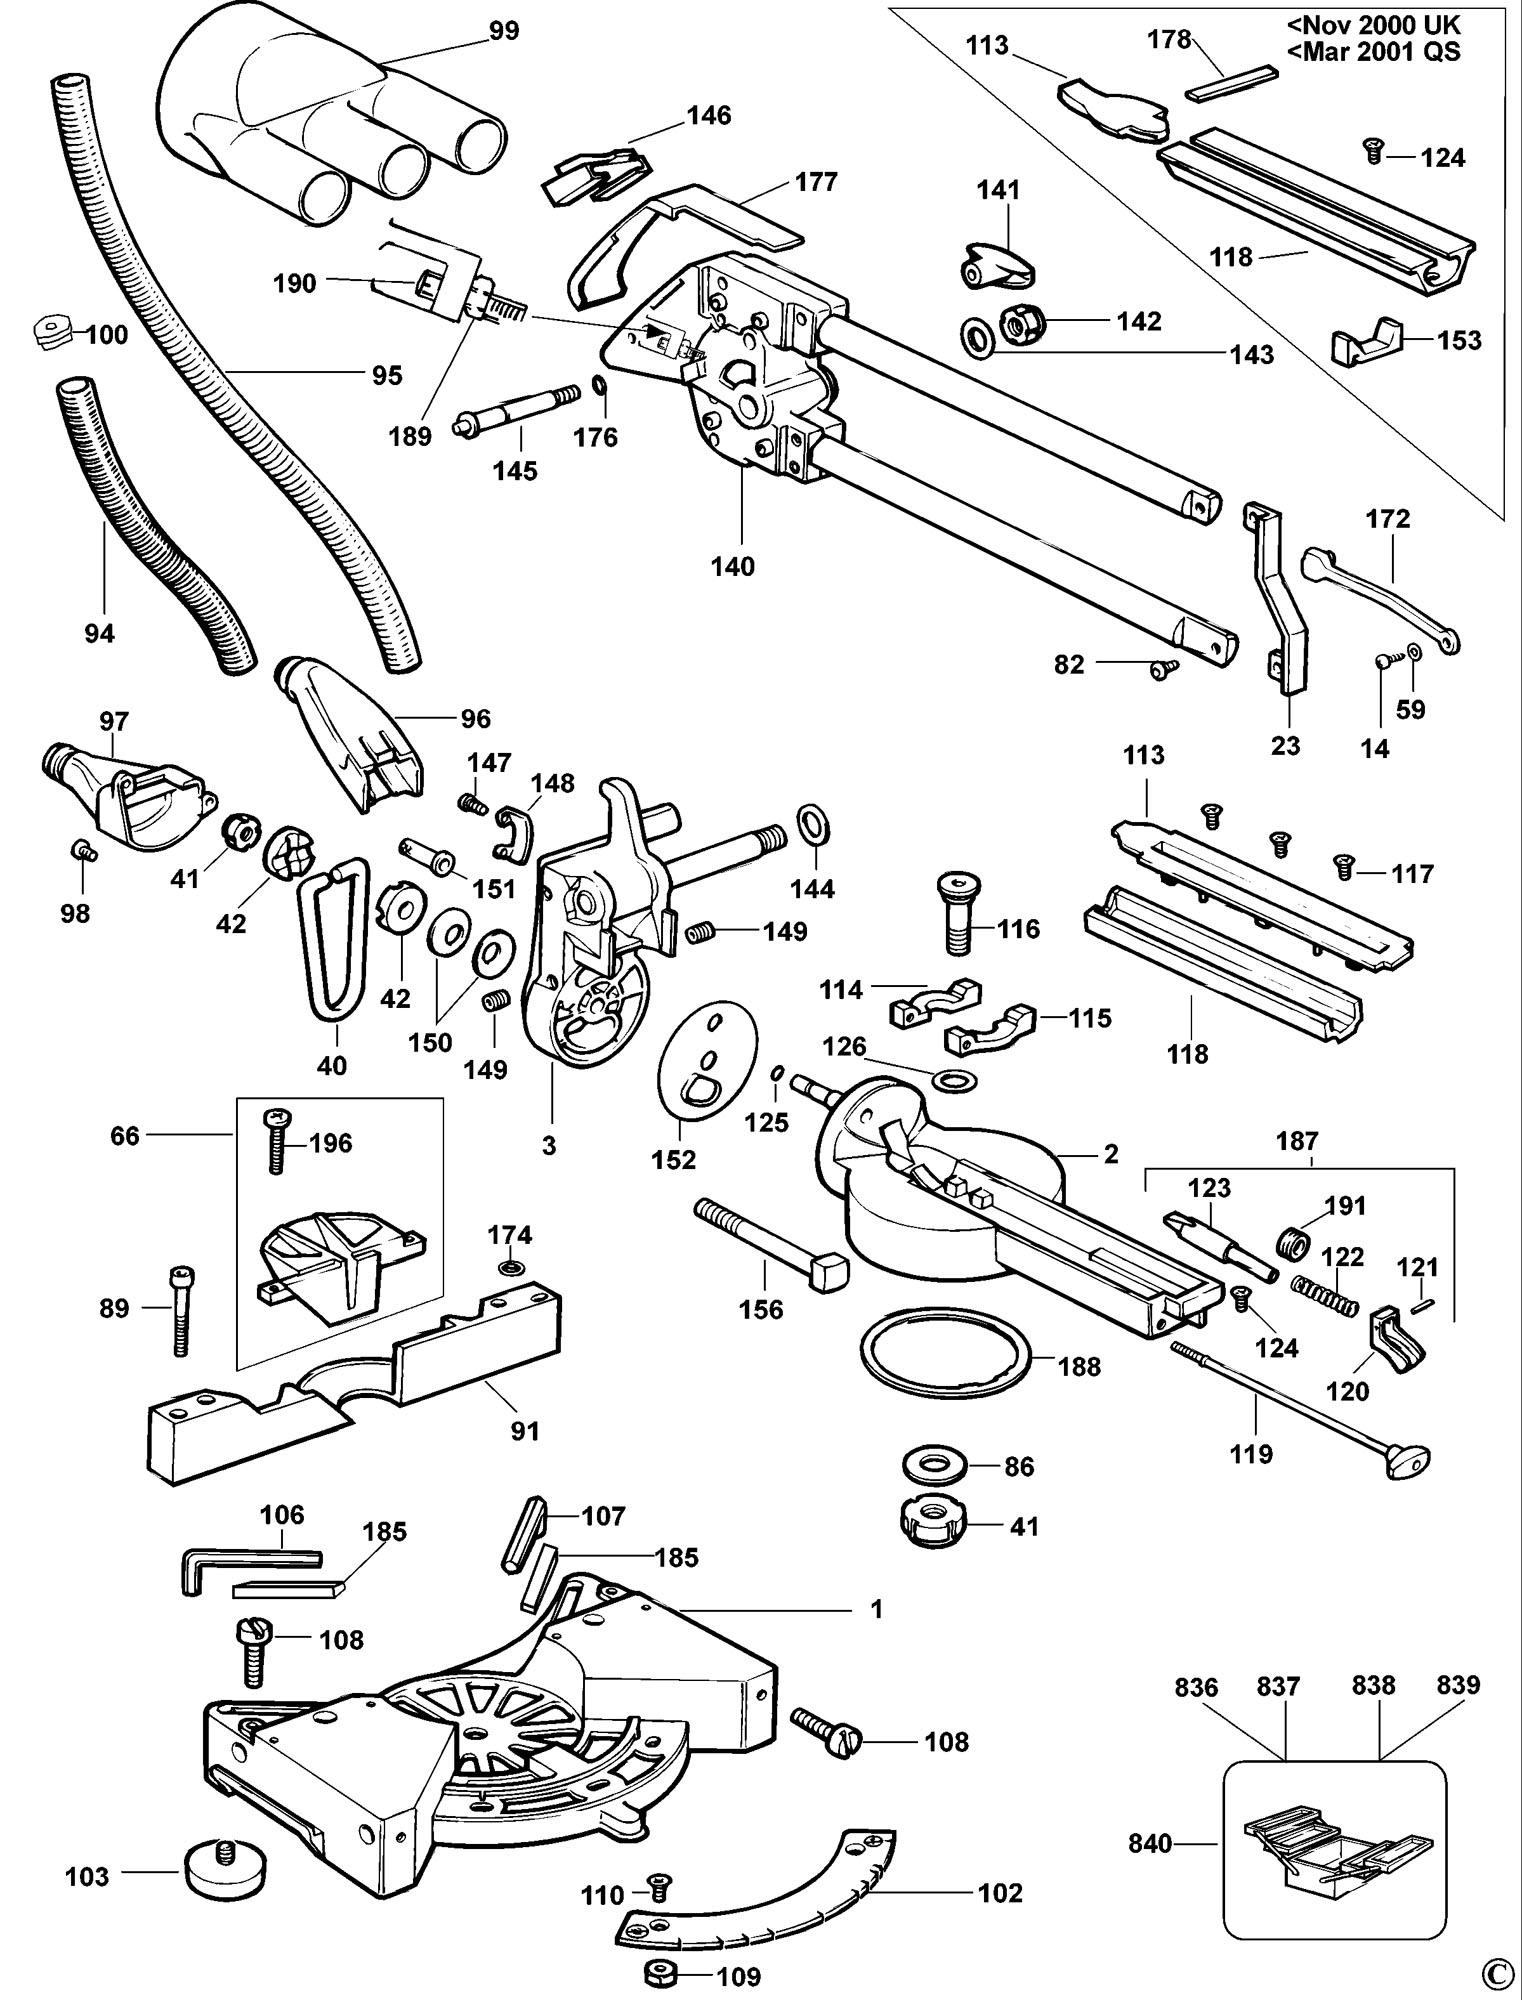 Spares For Dewalt Dw707 Mitre Saw Type 1 Spare Dw707